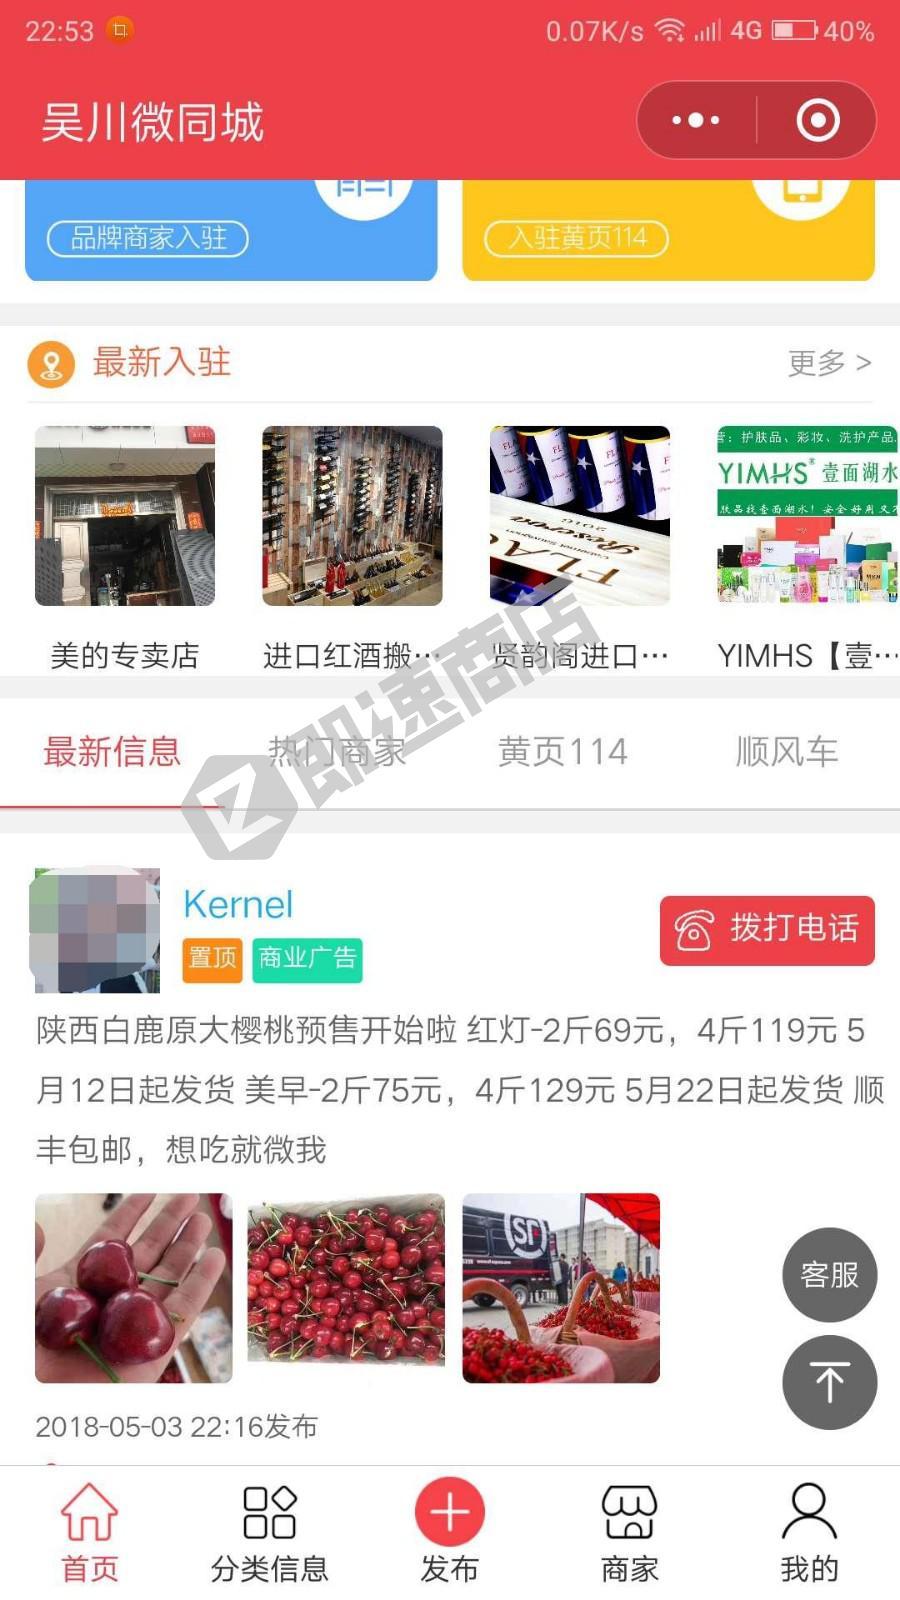 吴川微同城小程序列表页截图